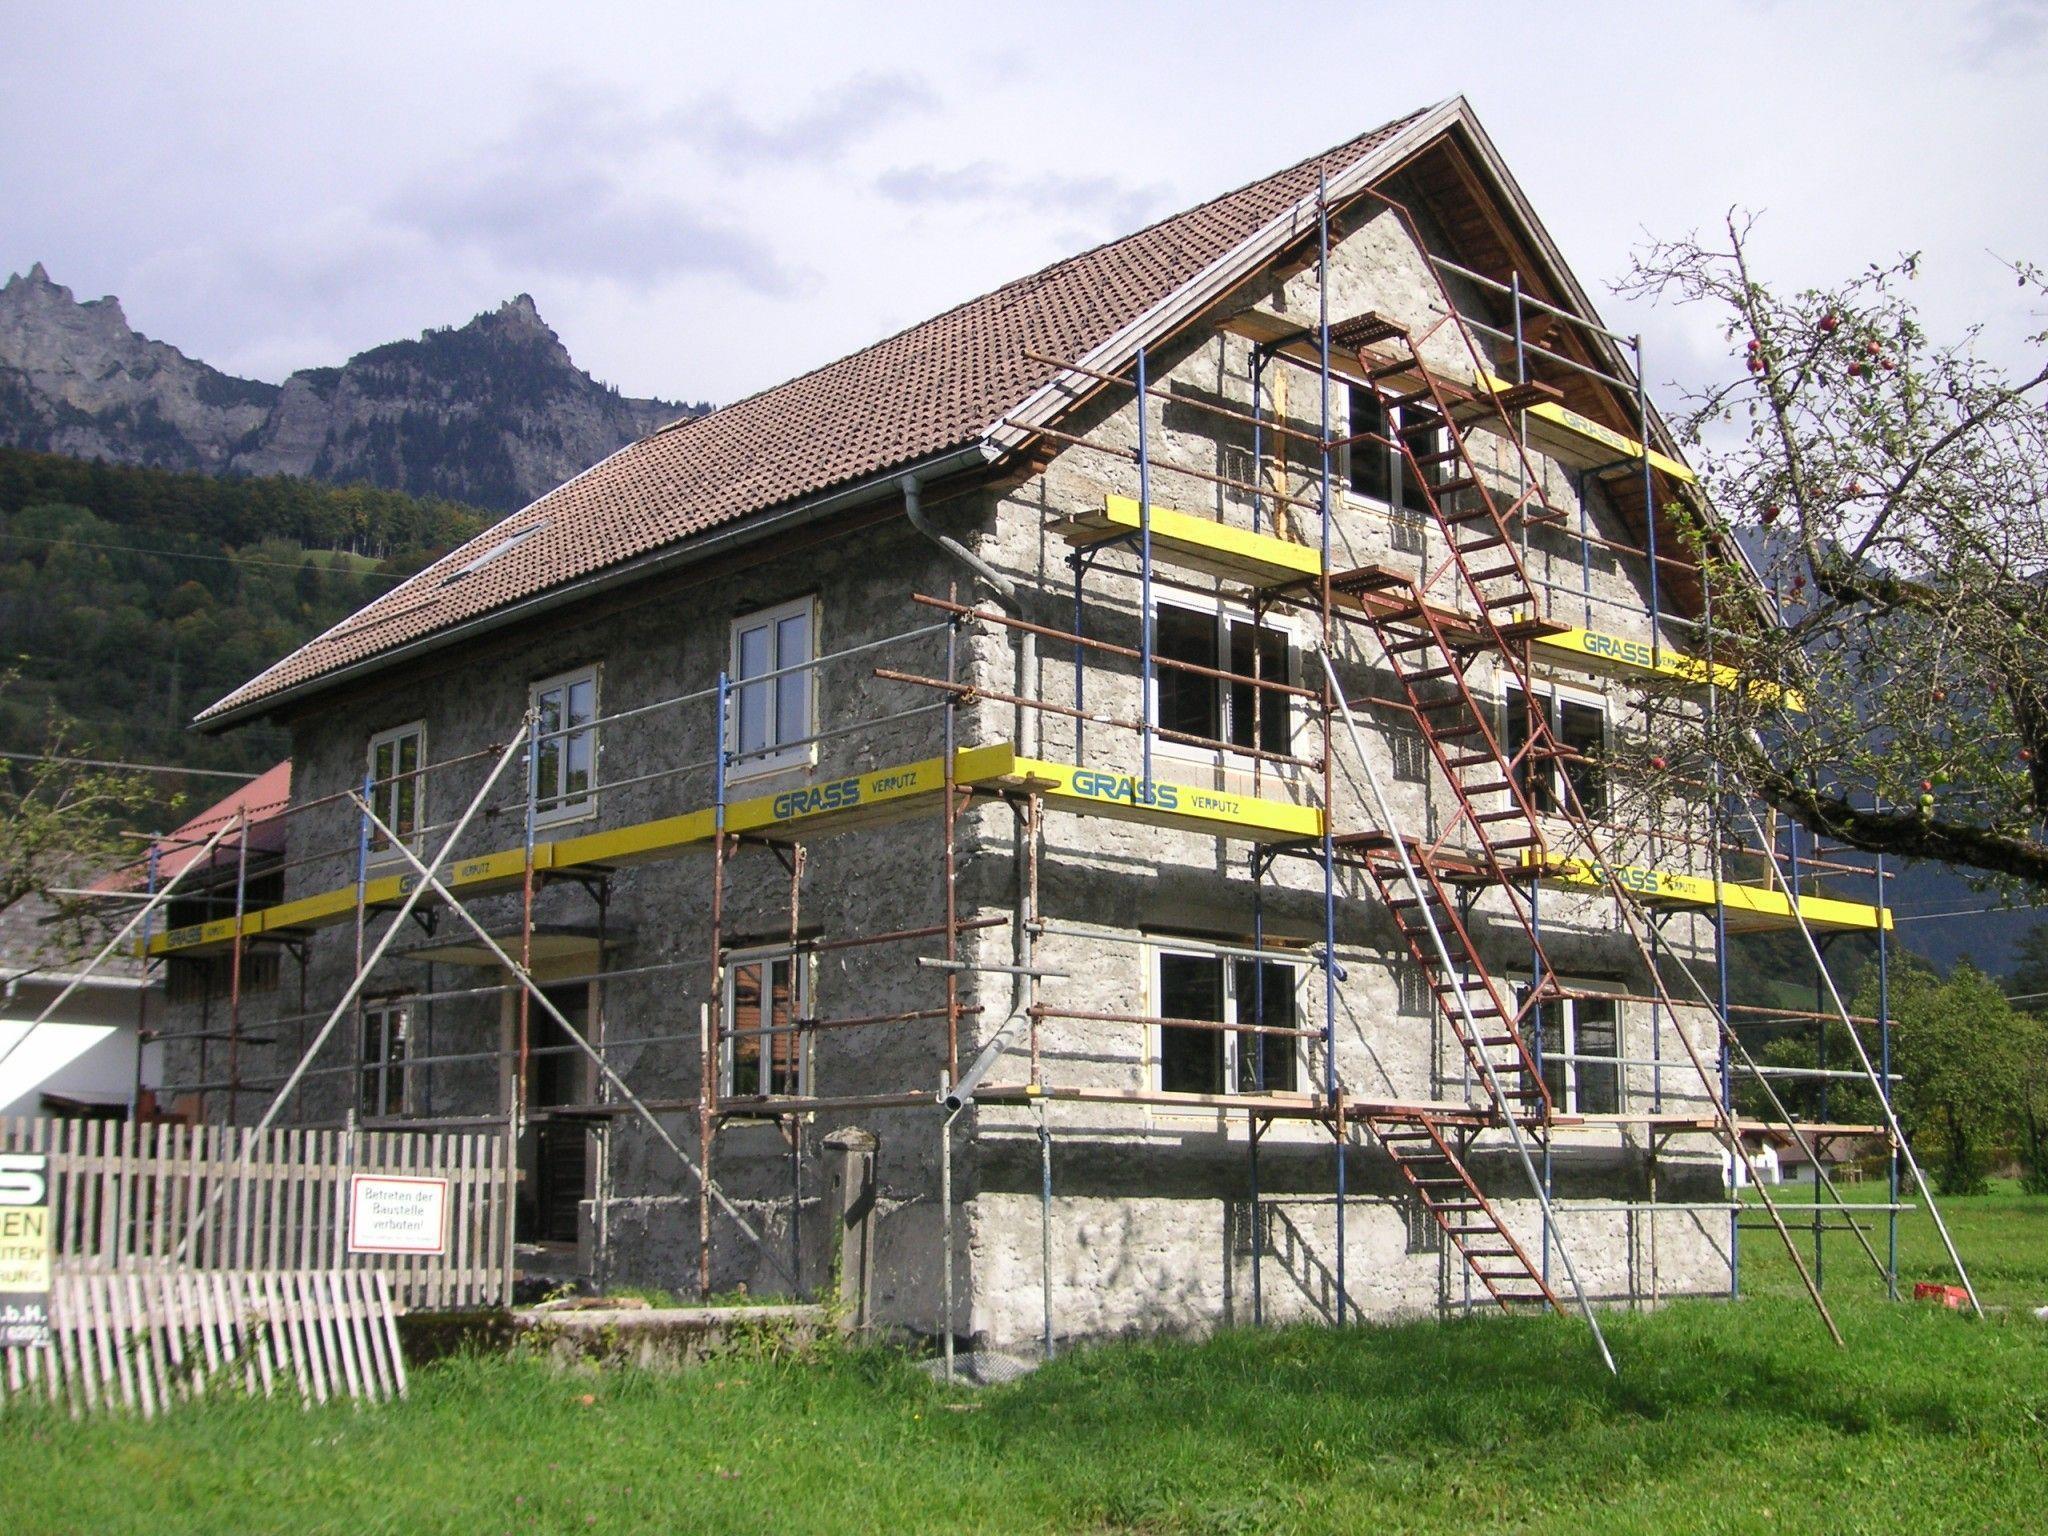 Auch die Ortsvereine beteiligen sich an den Renovierungsarbeiten